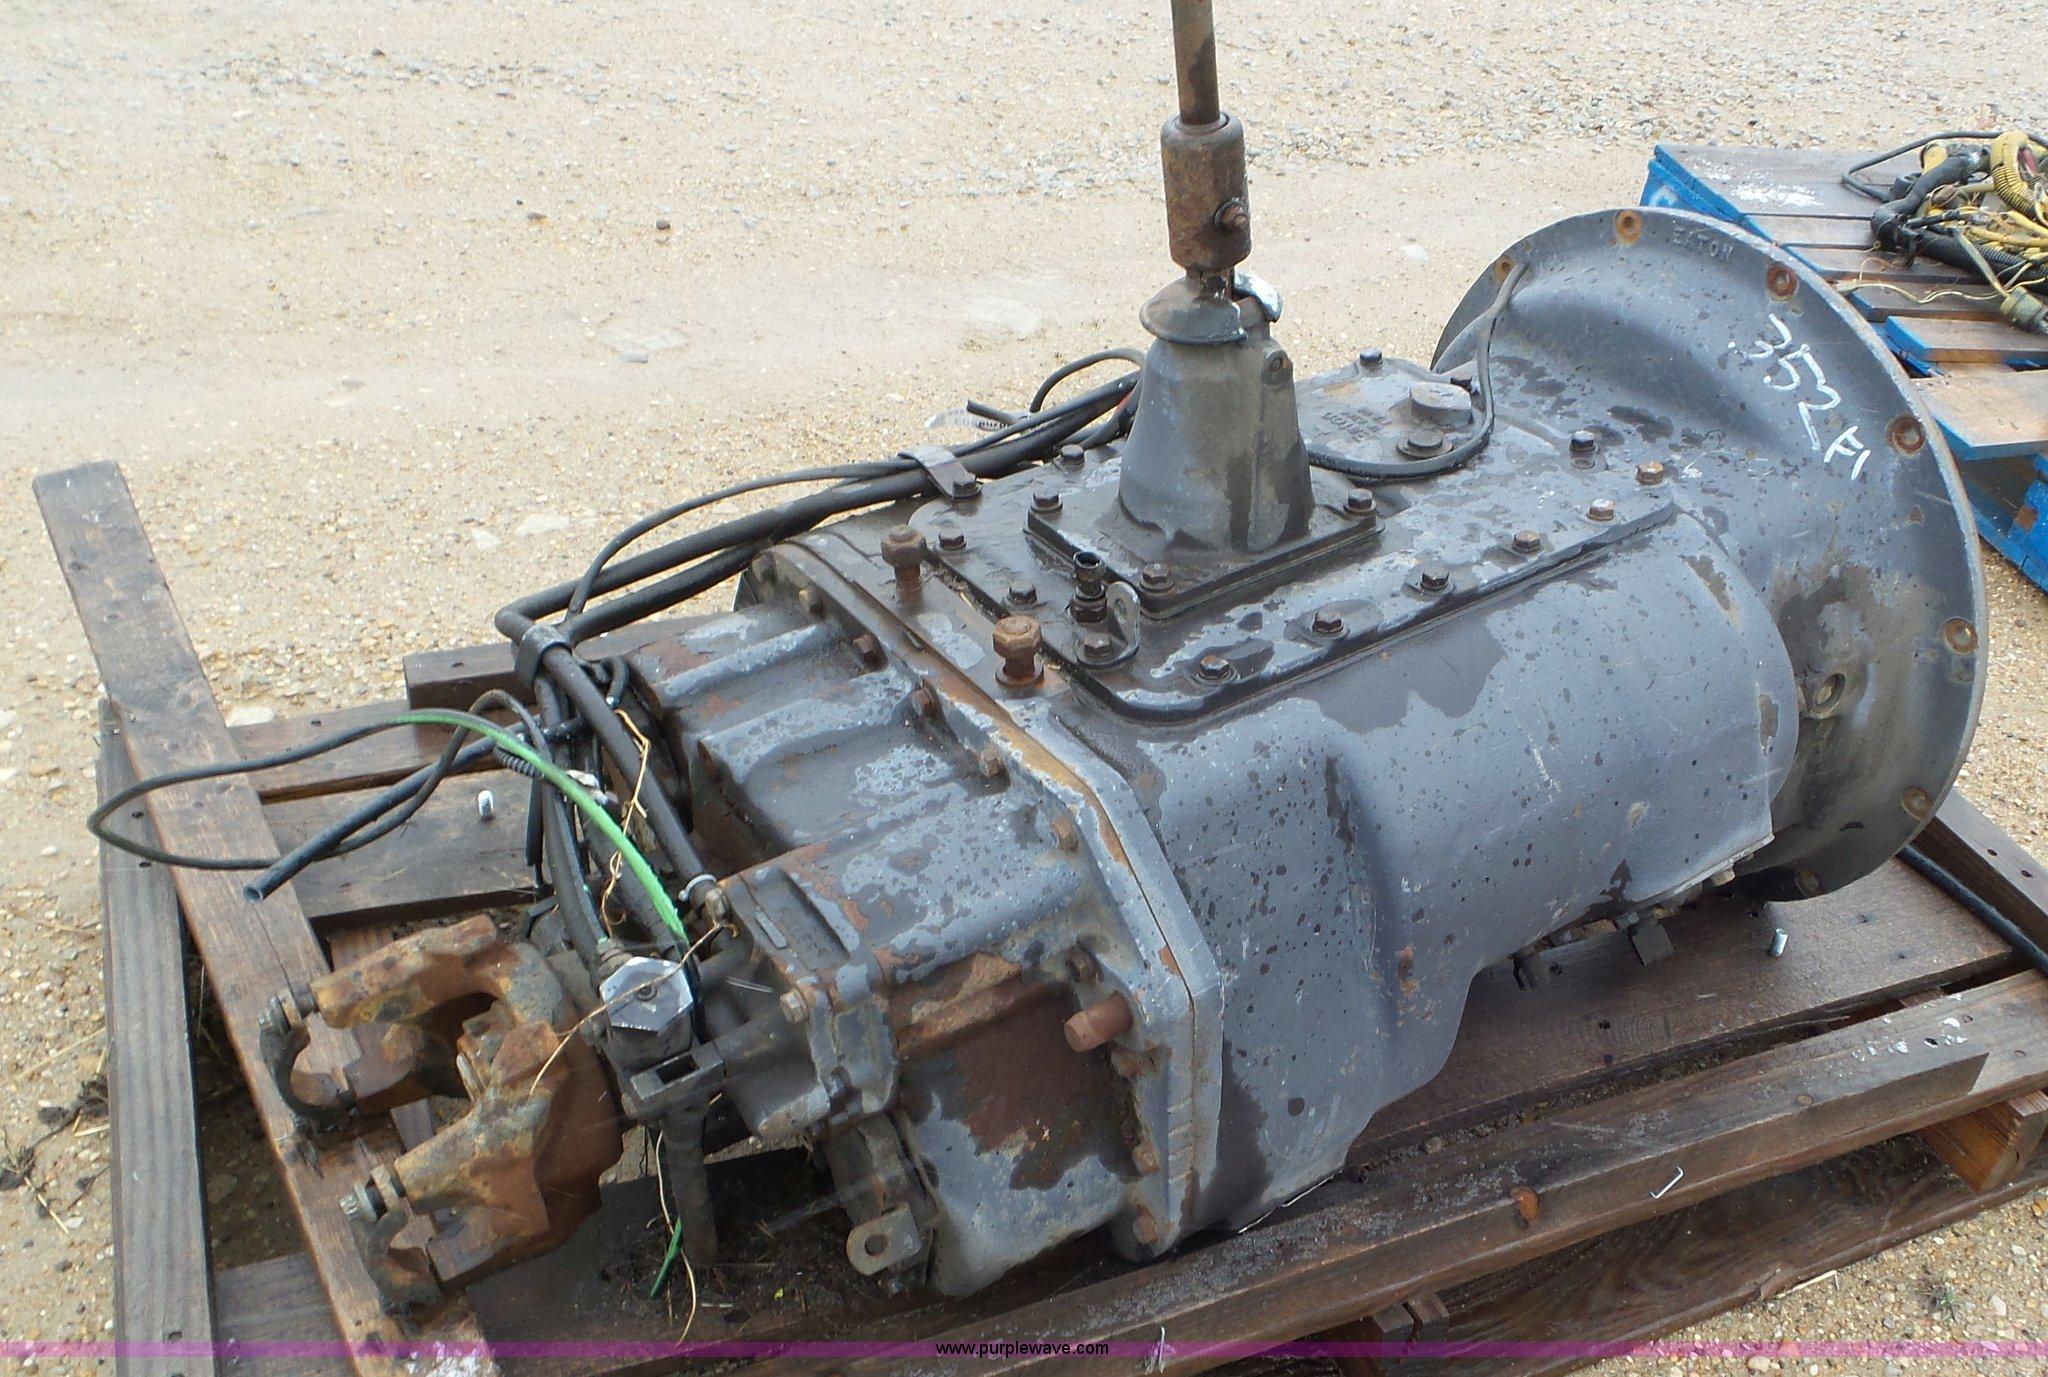 eaton fuller 13 speed manual transmission item av9803 so rh purplewave com eaton fuller 13 speed transmission manual eaton fuller 13 speed manual